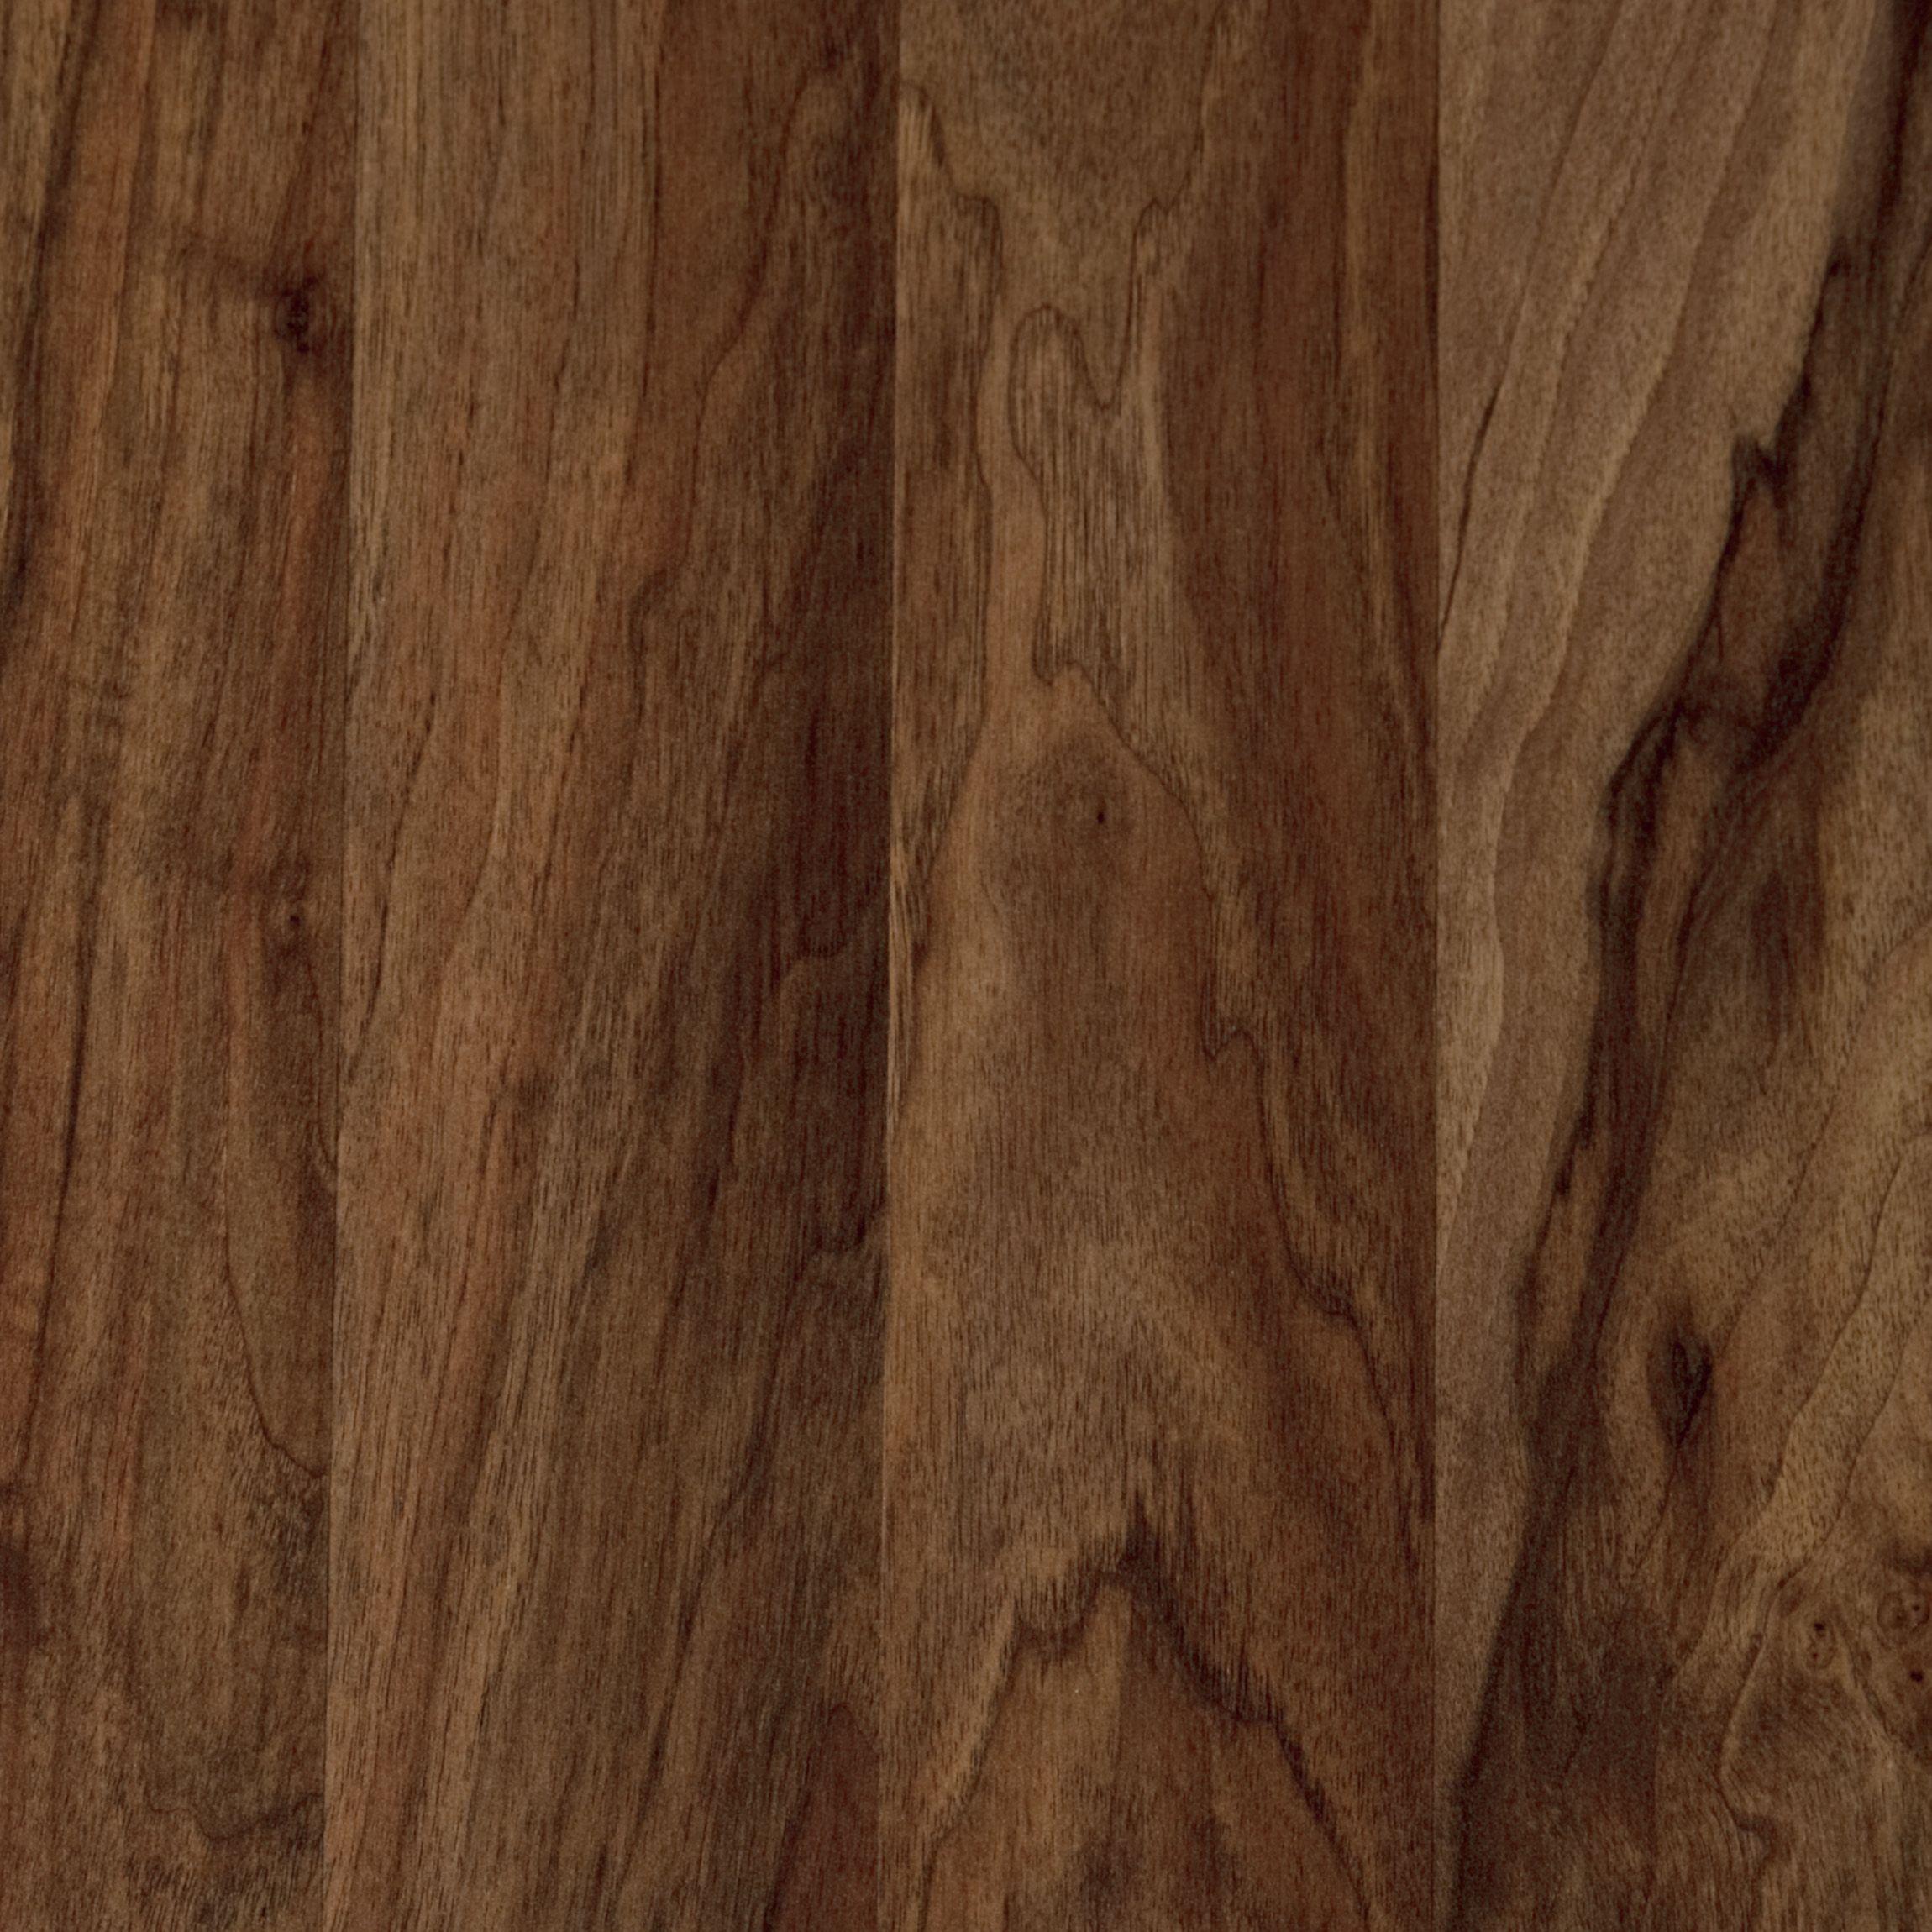 Laminate flooring tarkett old world walnut for Laminate tarkett